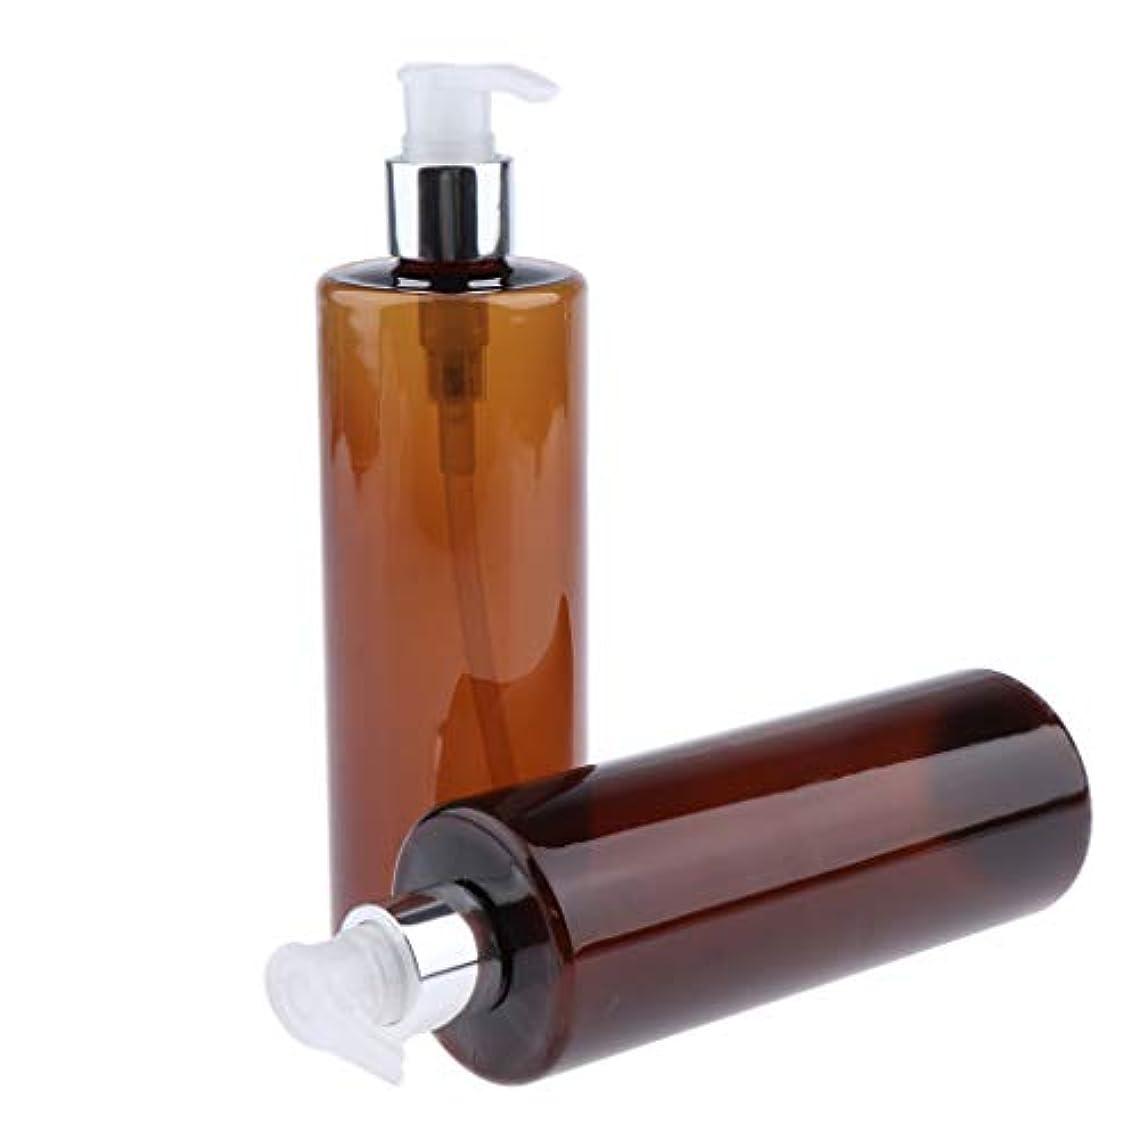 ブラウザほかに差し控えるPerfeclan ディスペンサー ボトル 350ミリリットル ポンプボトル 詰め替え式 コンテナ 3色選べ - 褐色